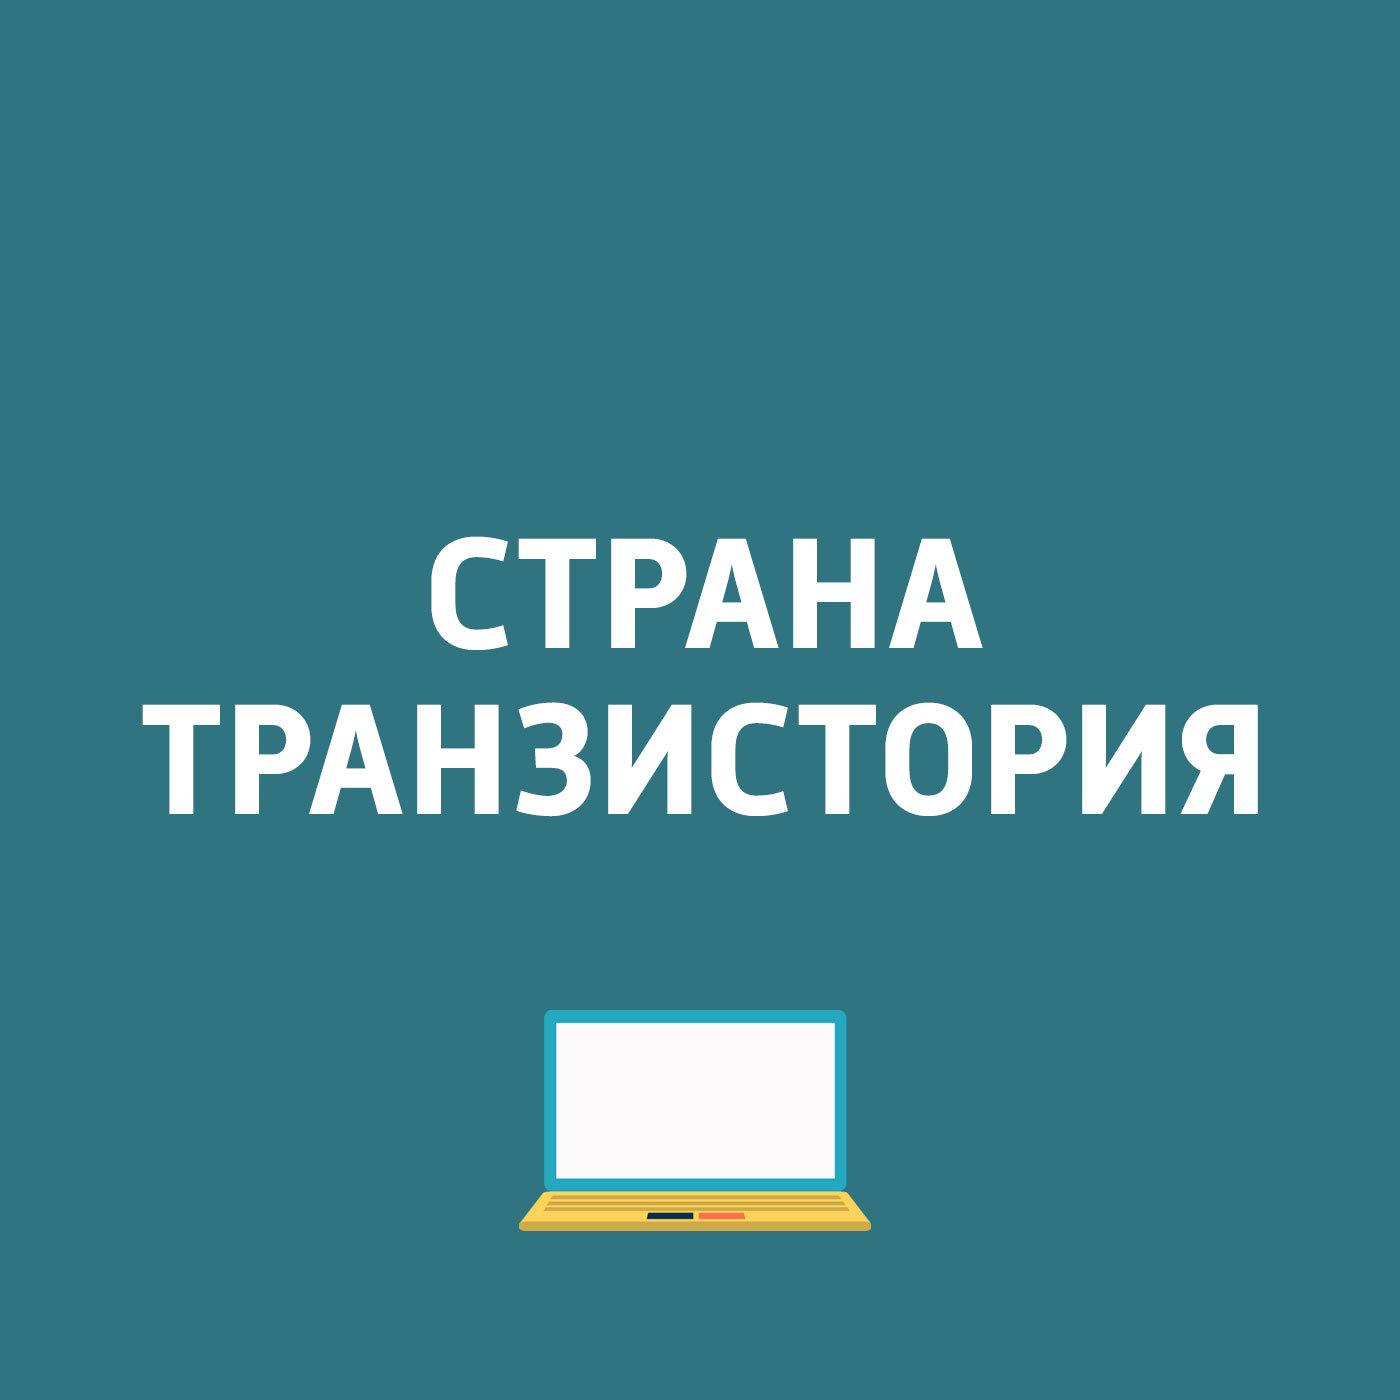 Картаев Павел Самое интересное на MWC 2018 картаев павел windows 10 april 2018 update доктор веб предупреждает о появлении в google play вируса